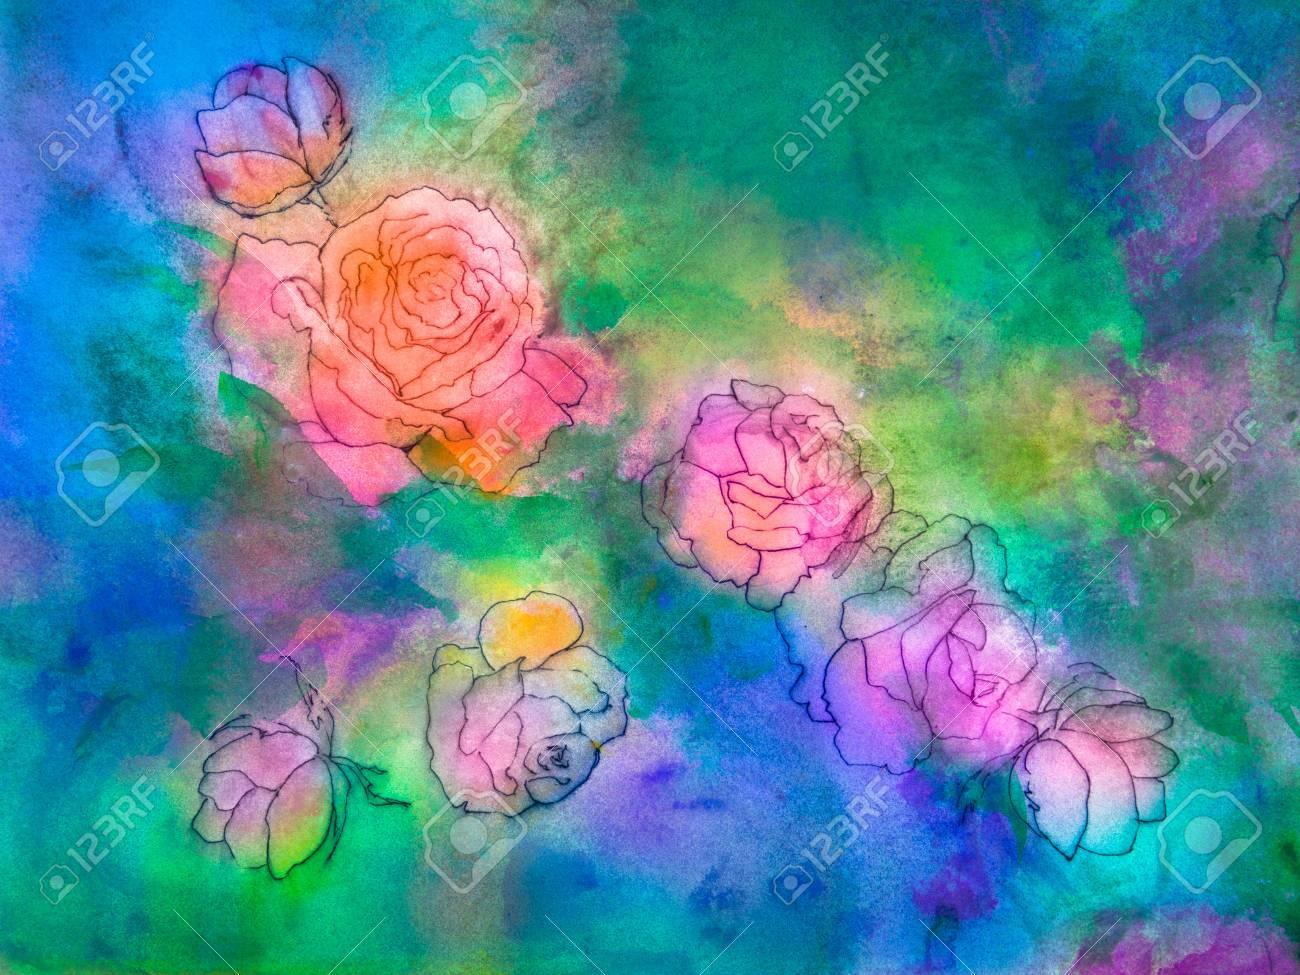 Immagini Stock Disegni Di Rose E Boccioli Di Rosa è Posto Su Un